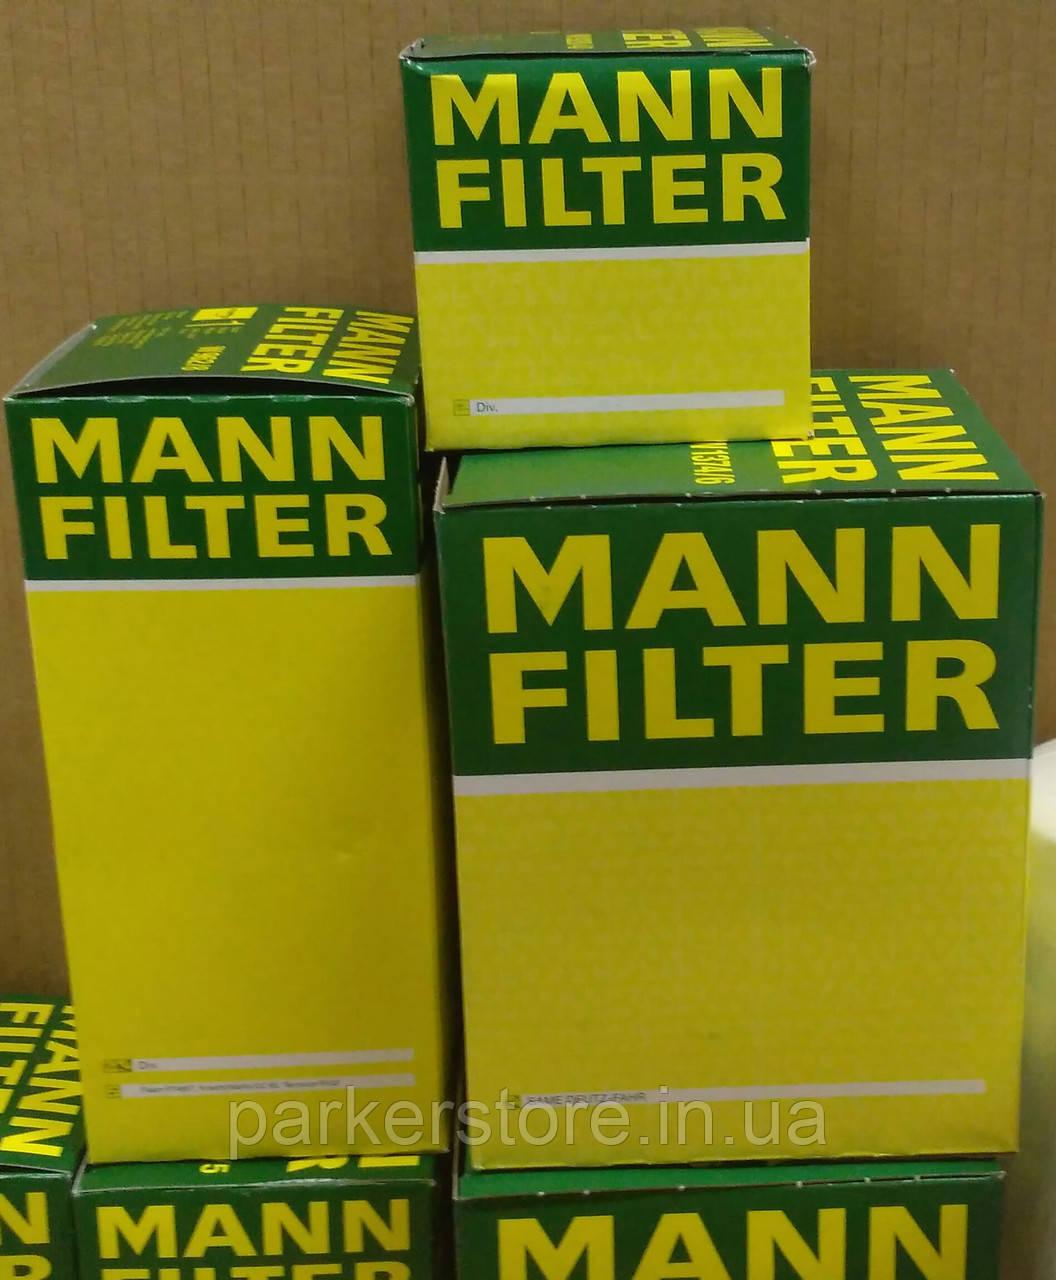 MANN FILTER / Воздушный фильтр / C 25 135 / C25135